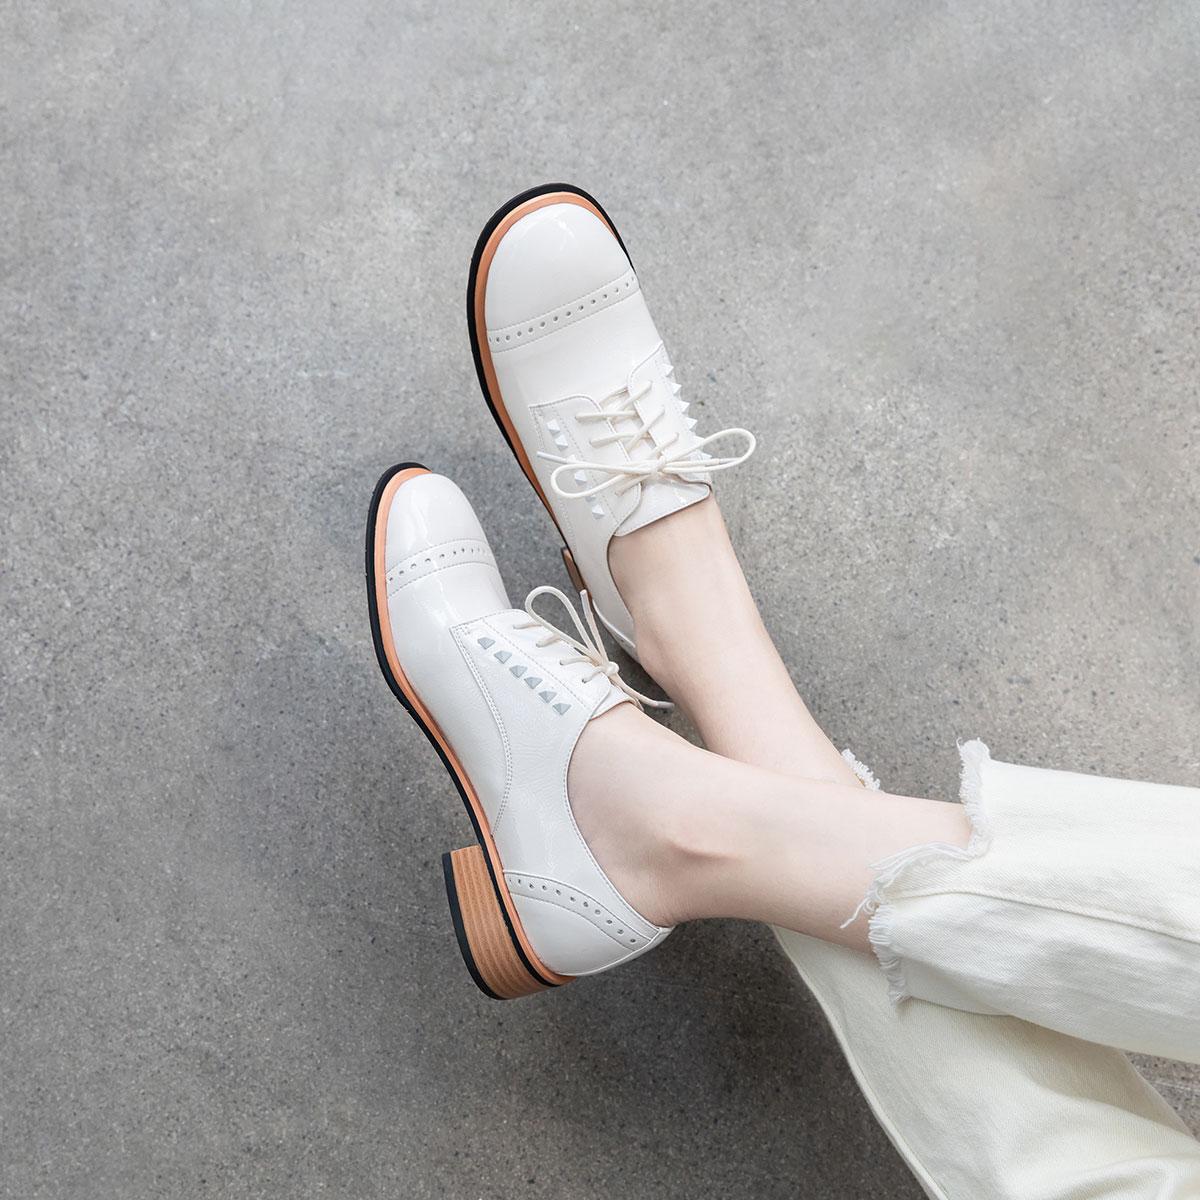 卡美多卡美多2019秋季新款漆皮超纤系带小皮鞋女布洛克英伦风单鞋女KACAU93-92765-07DC